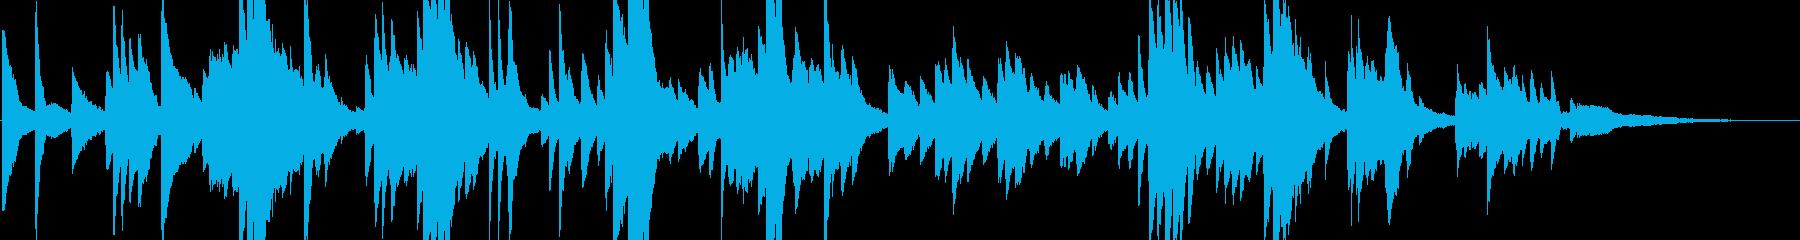 自律神経を整えるヒーリングピアノソロ曲の再生済みの波形